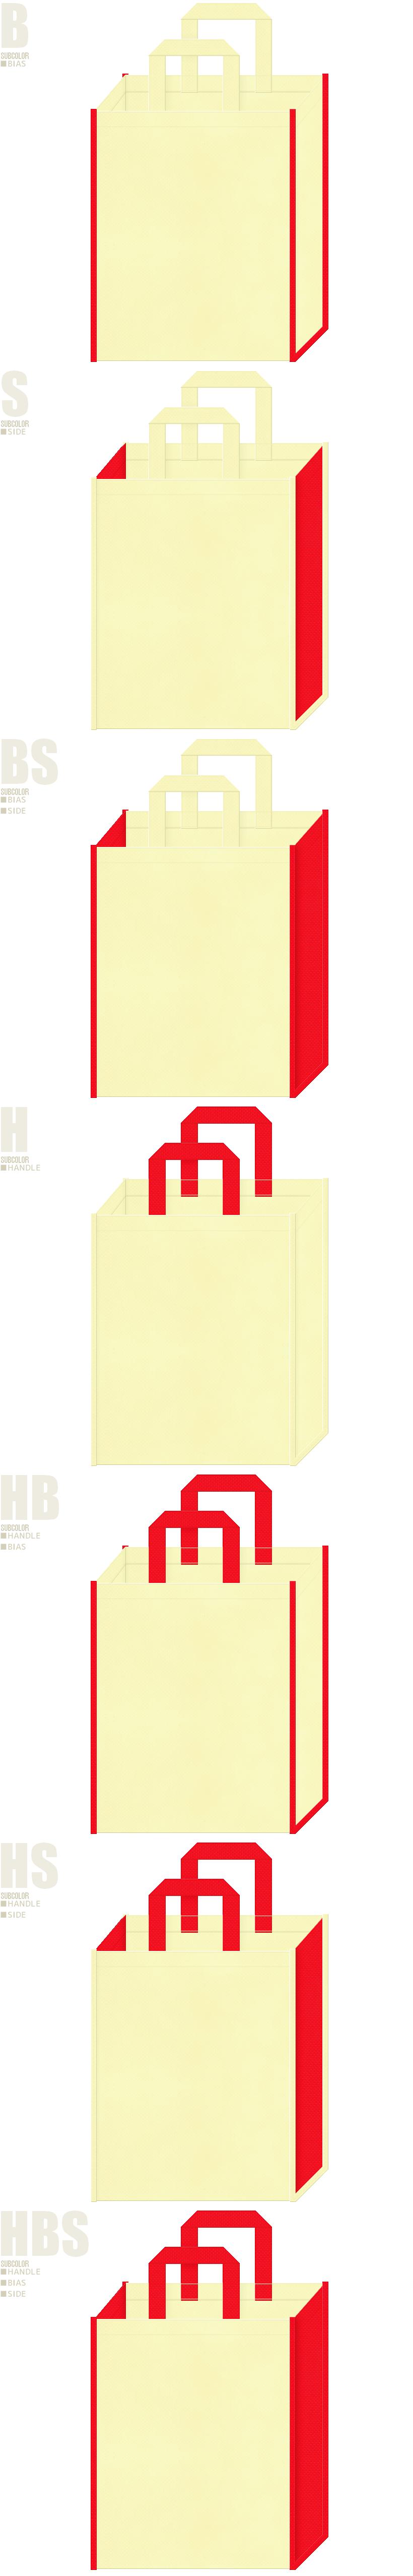 薄黄色と赤色、7パターンの不織布トートバッグ配色デザイン例。